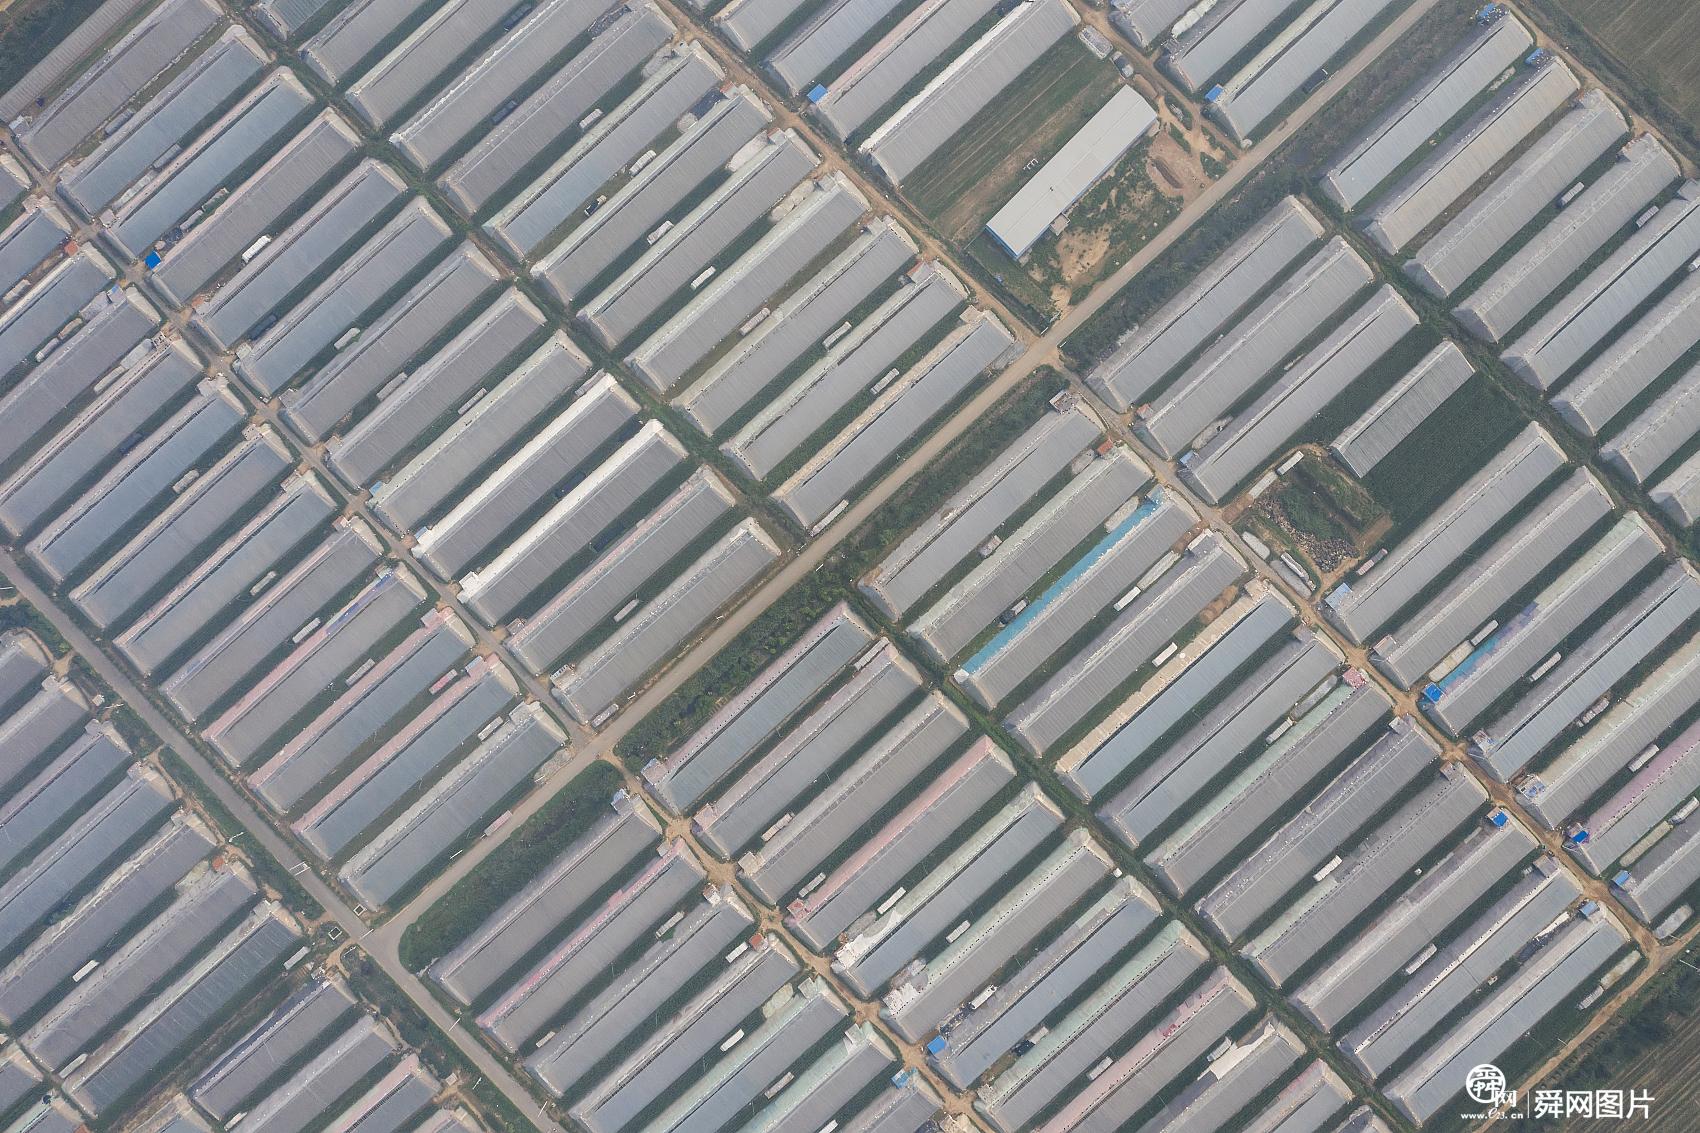 山东滨州:小村庄的黄瓜梦 助力全村脱贫致富